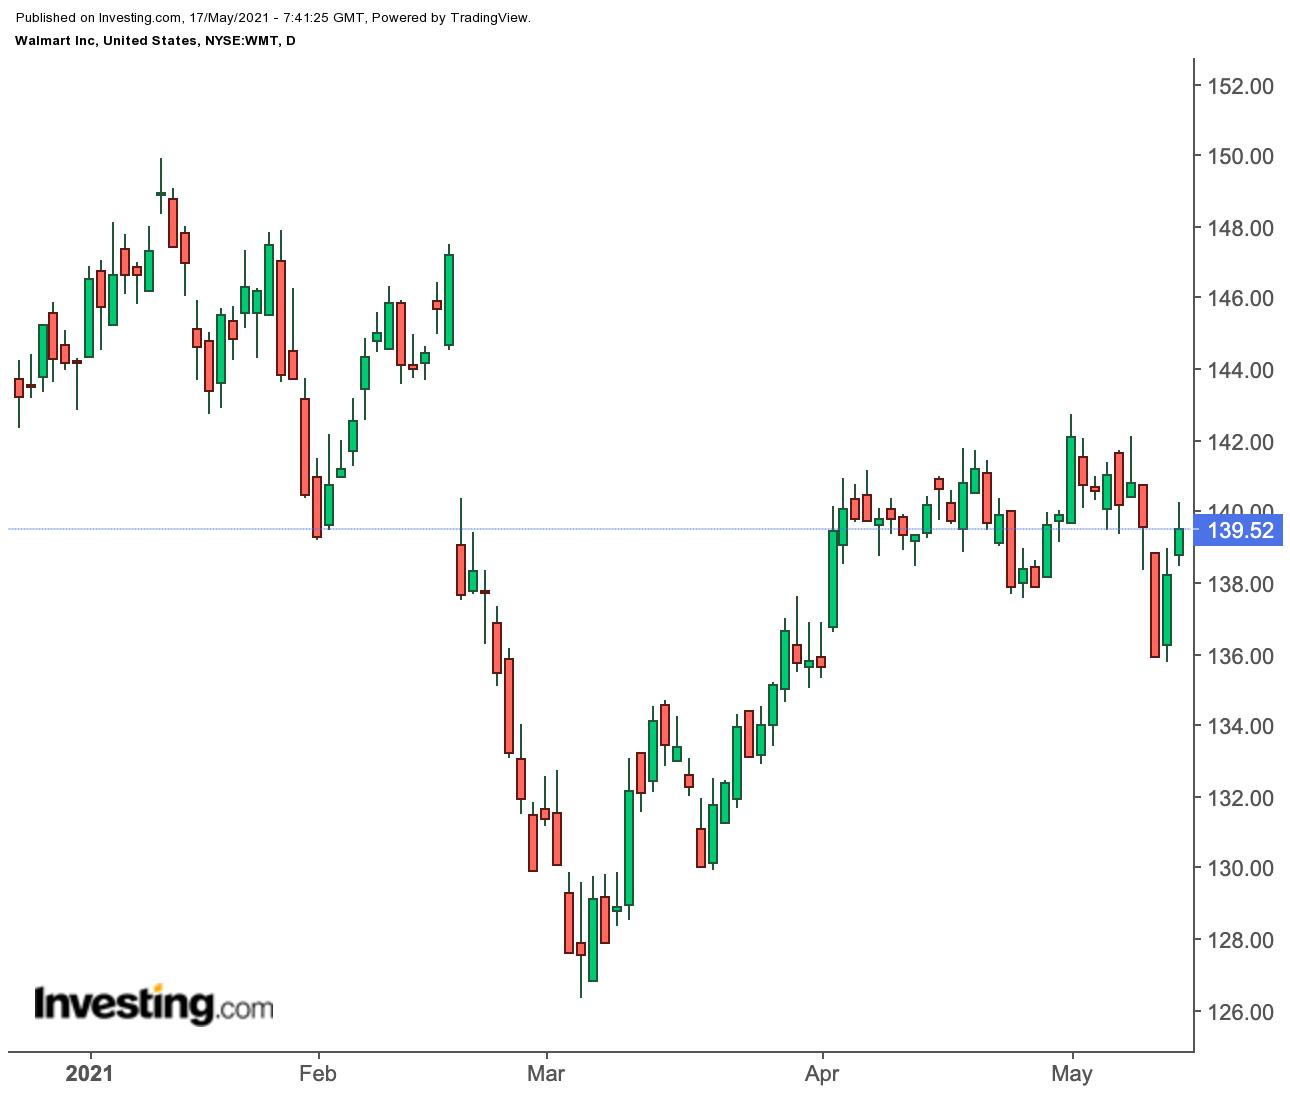 沃尔玛股价日线图